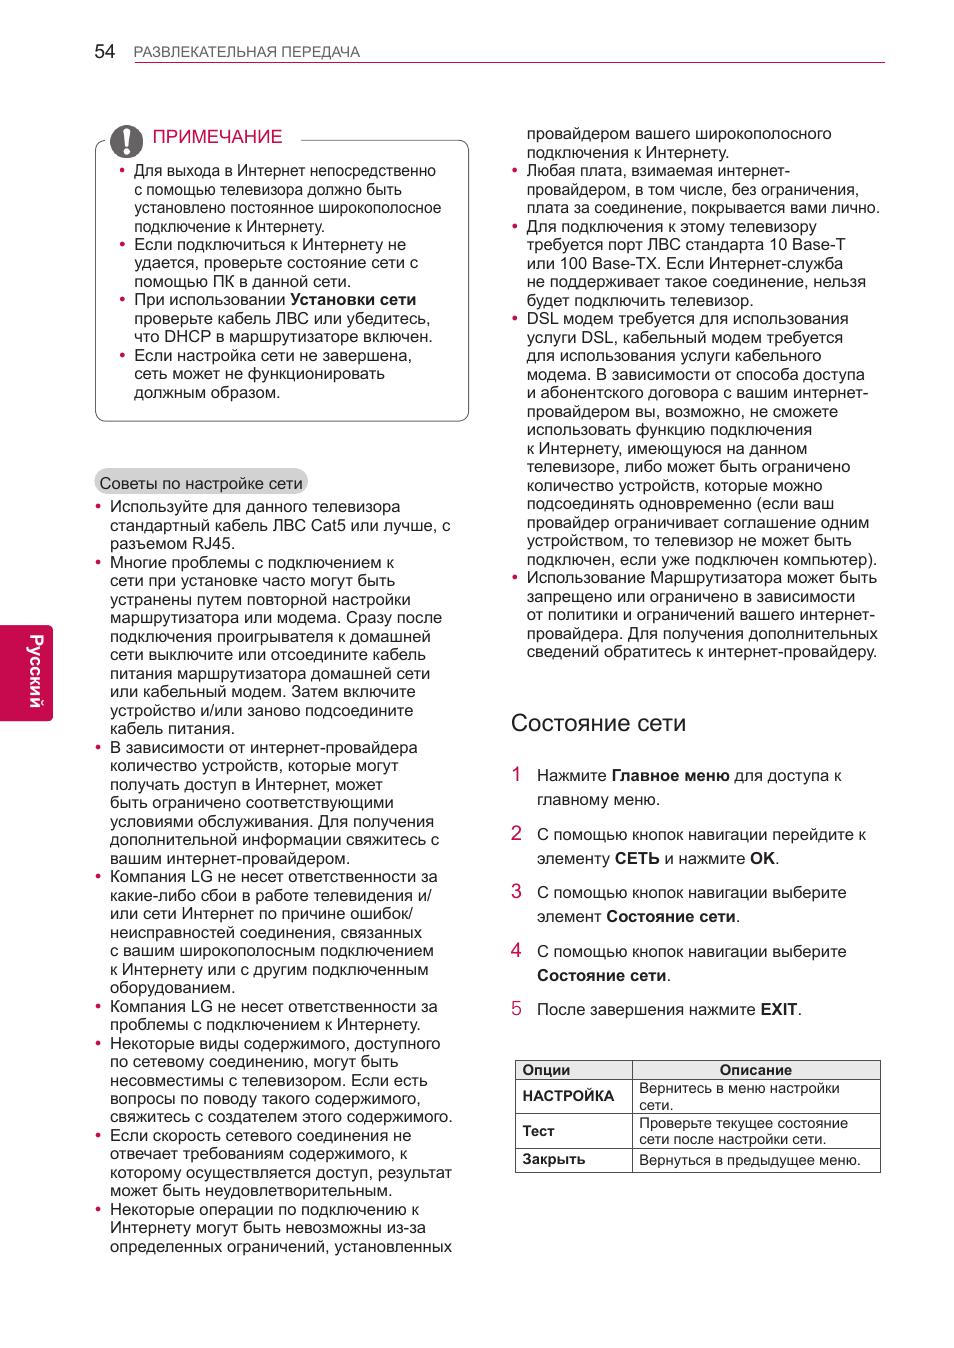 Инструкция по эксплуатации lg 42lw4500